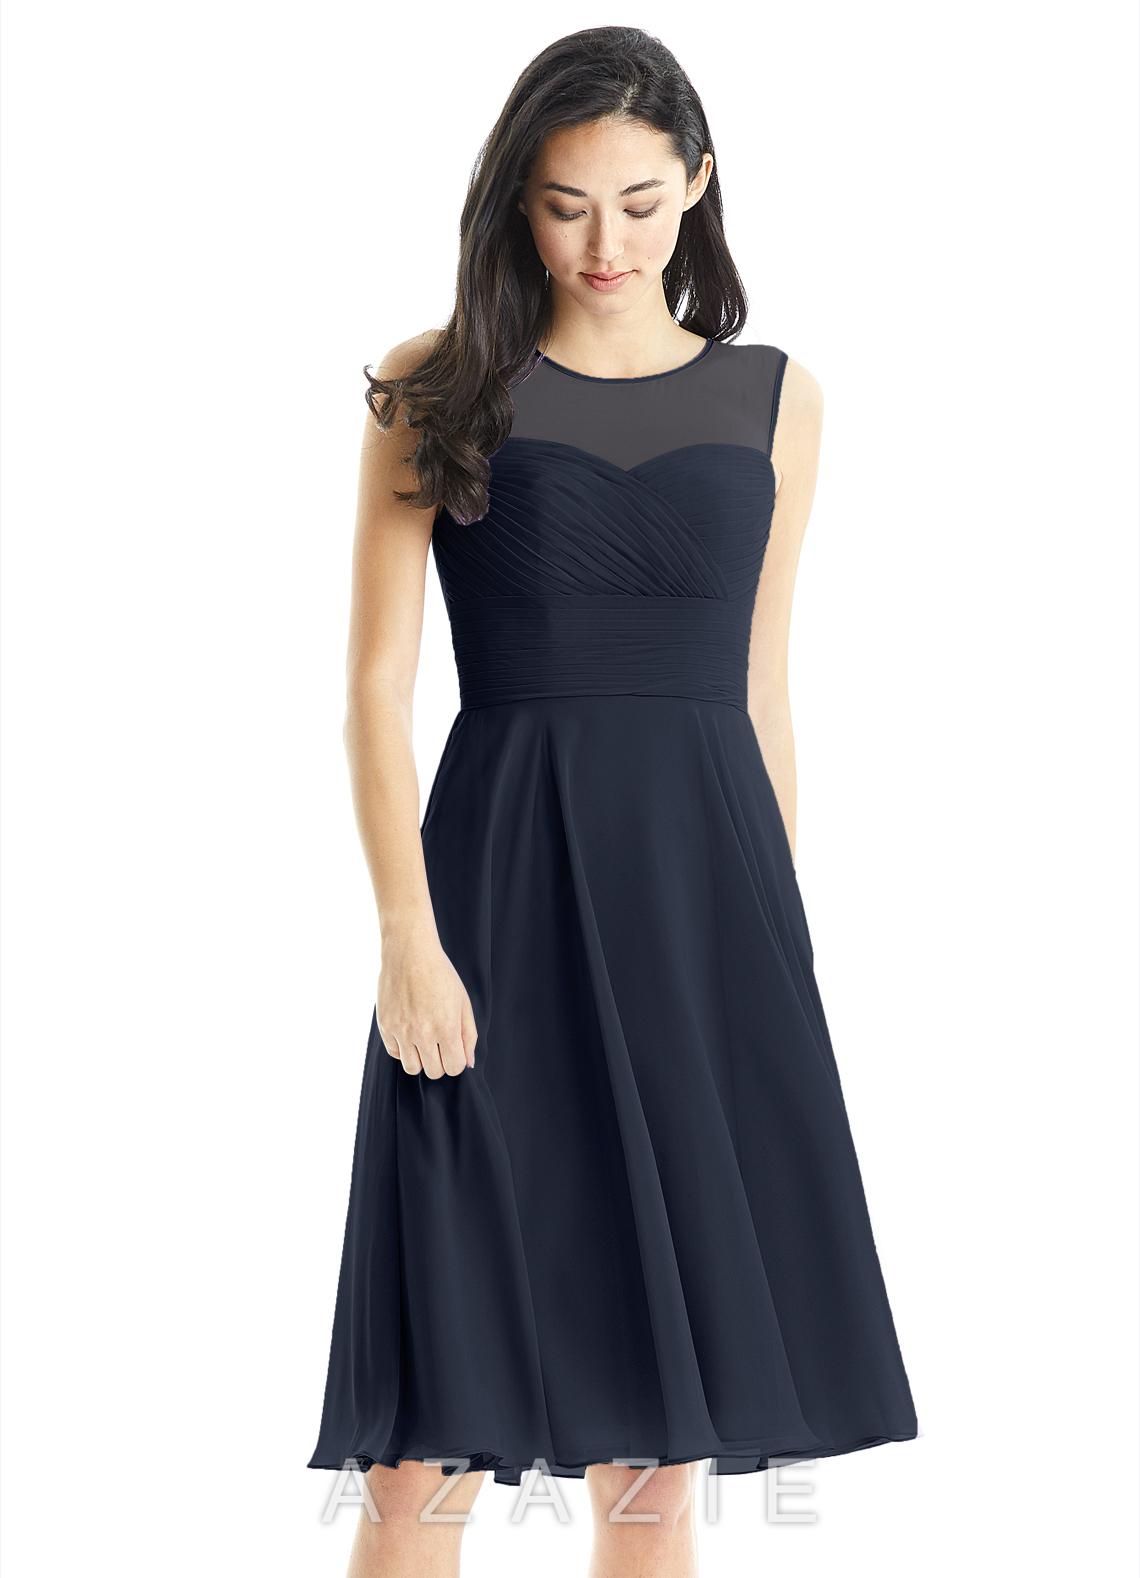 Azazie scarlett bridesmaid dress azazie loading zoom ombrellifo Gallery